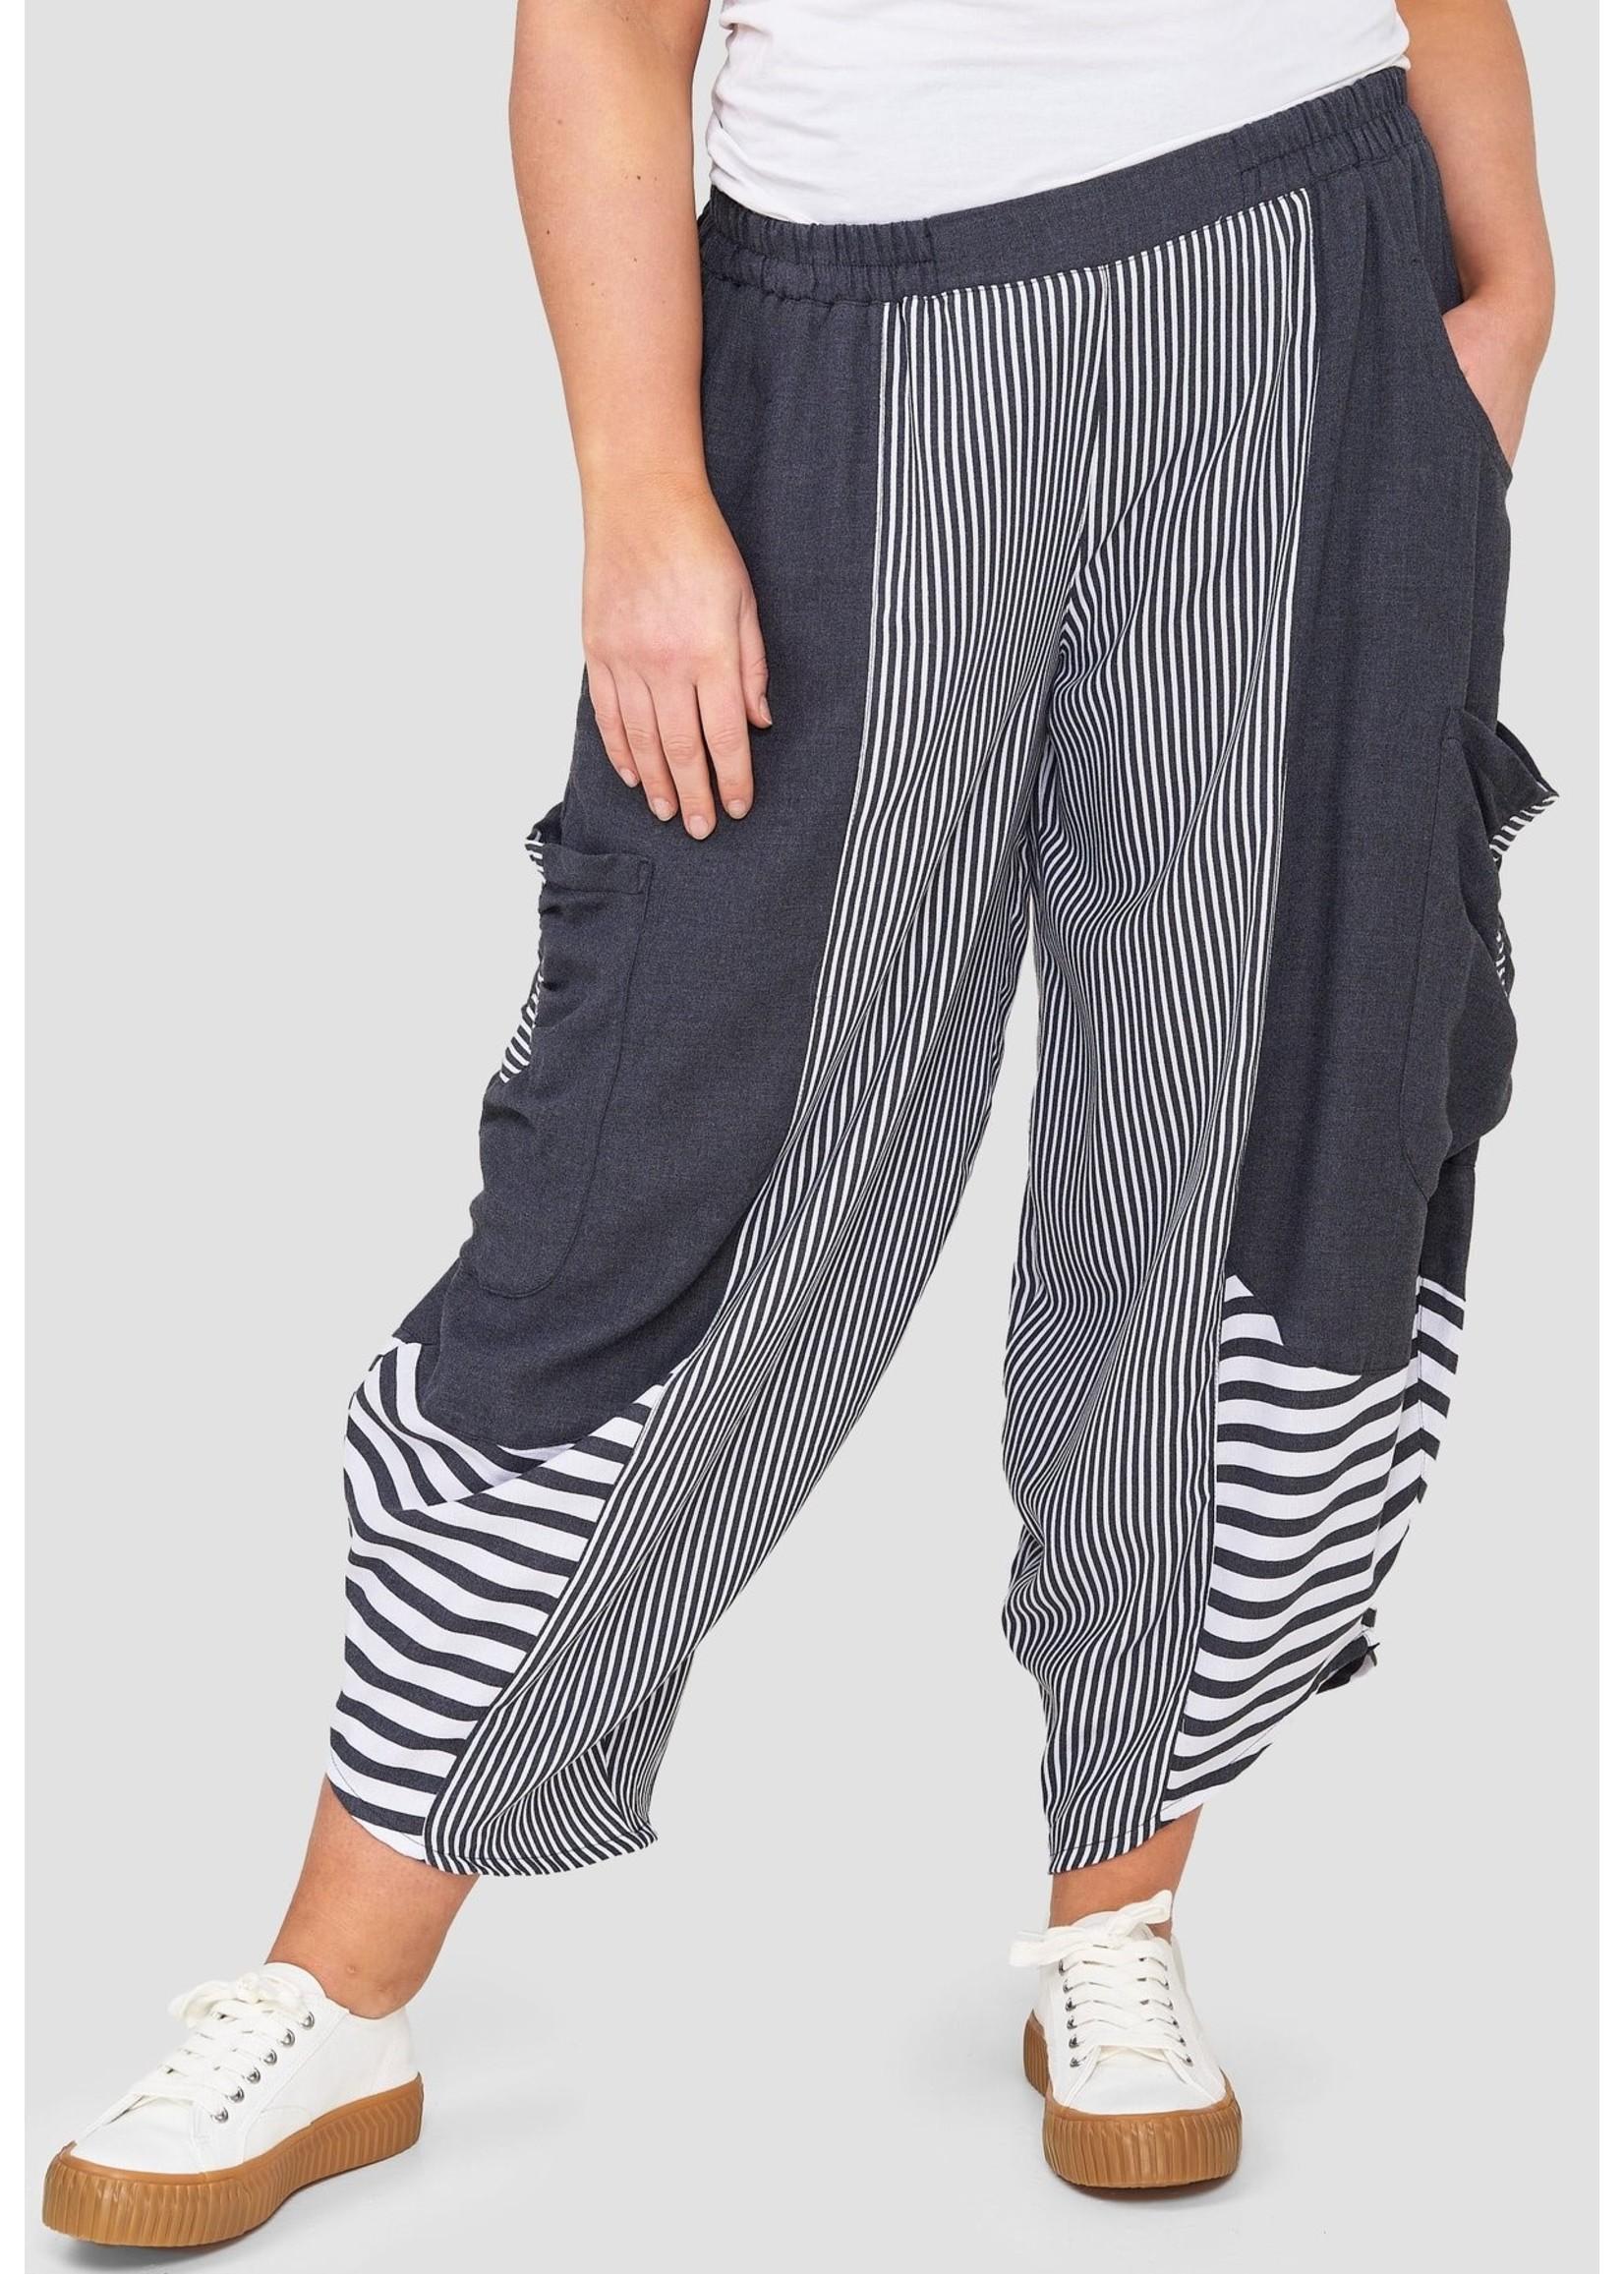 KEKOO 1414244 trousers